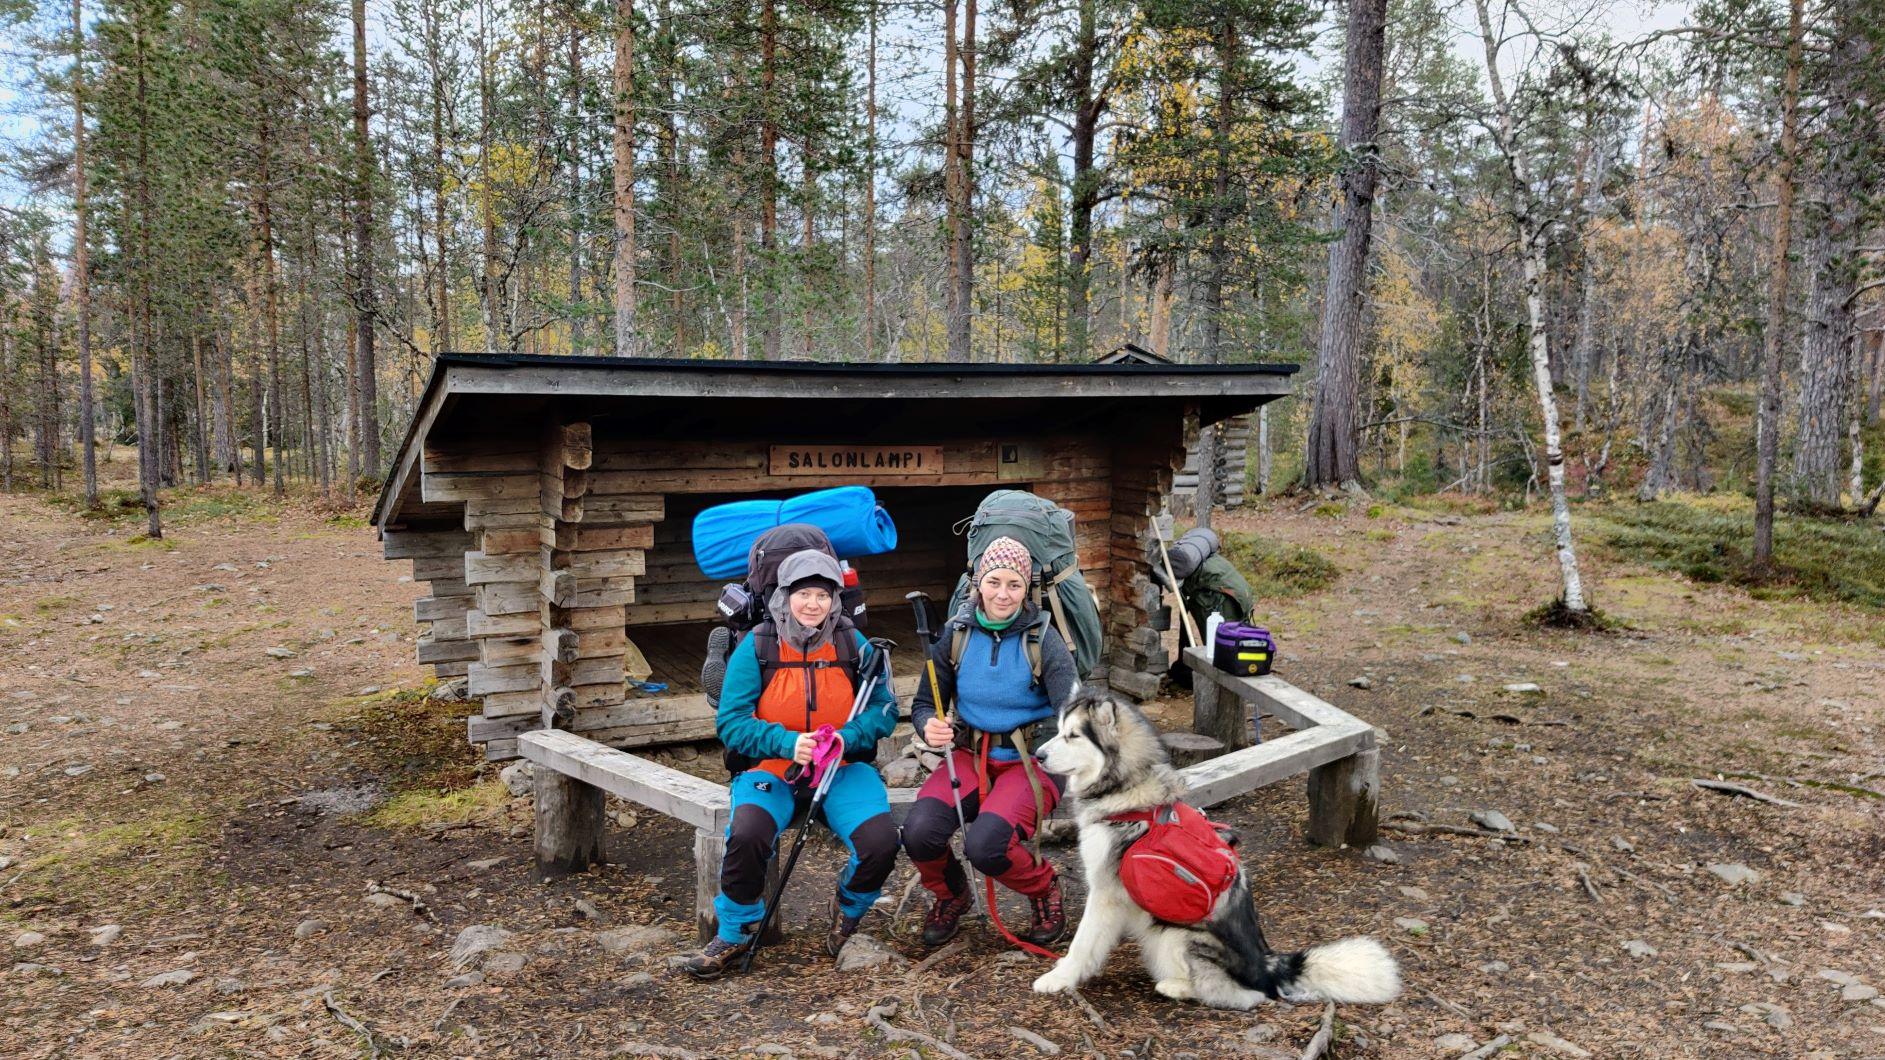 Trekking at Urho Kekkonen National Park